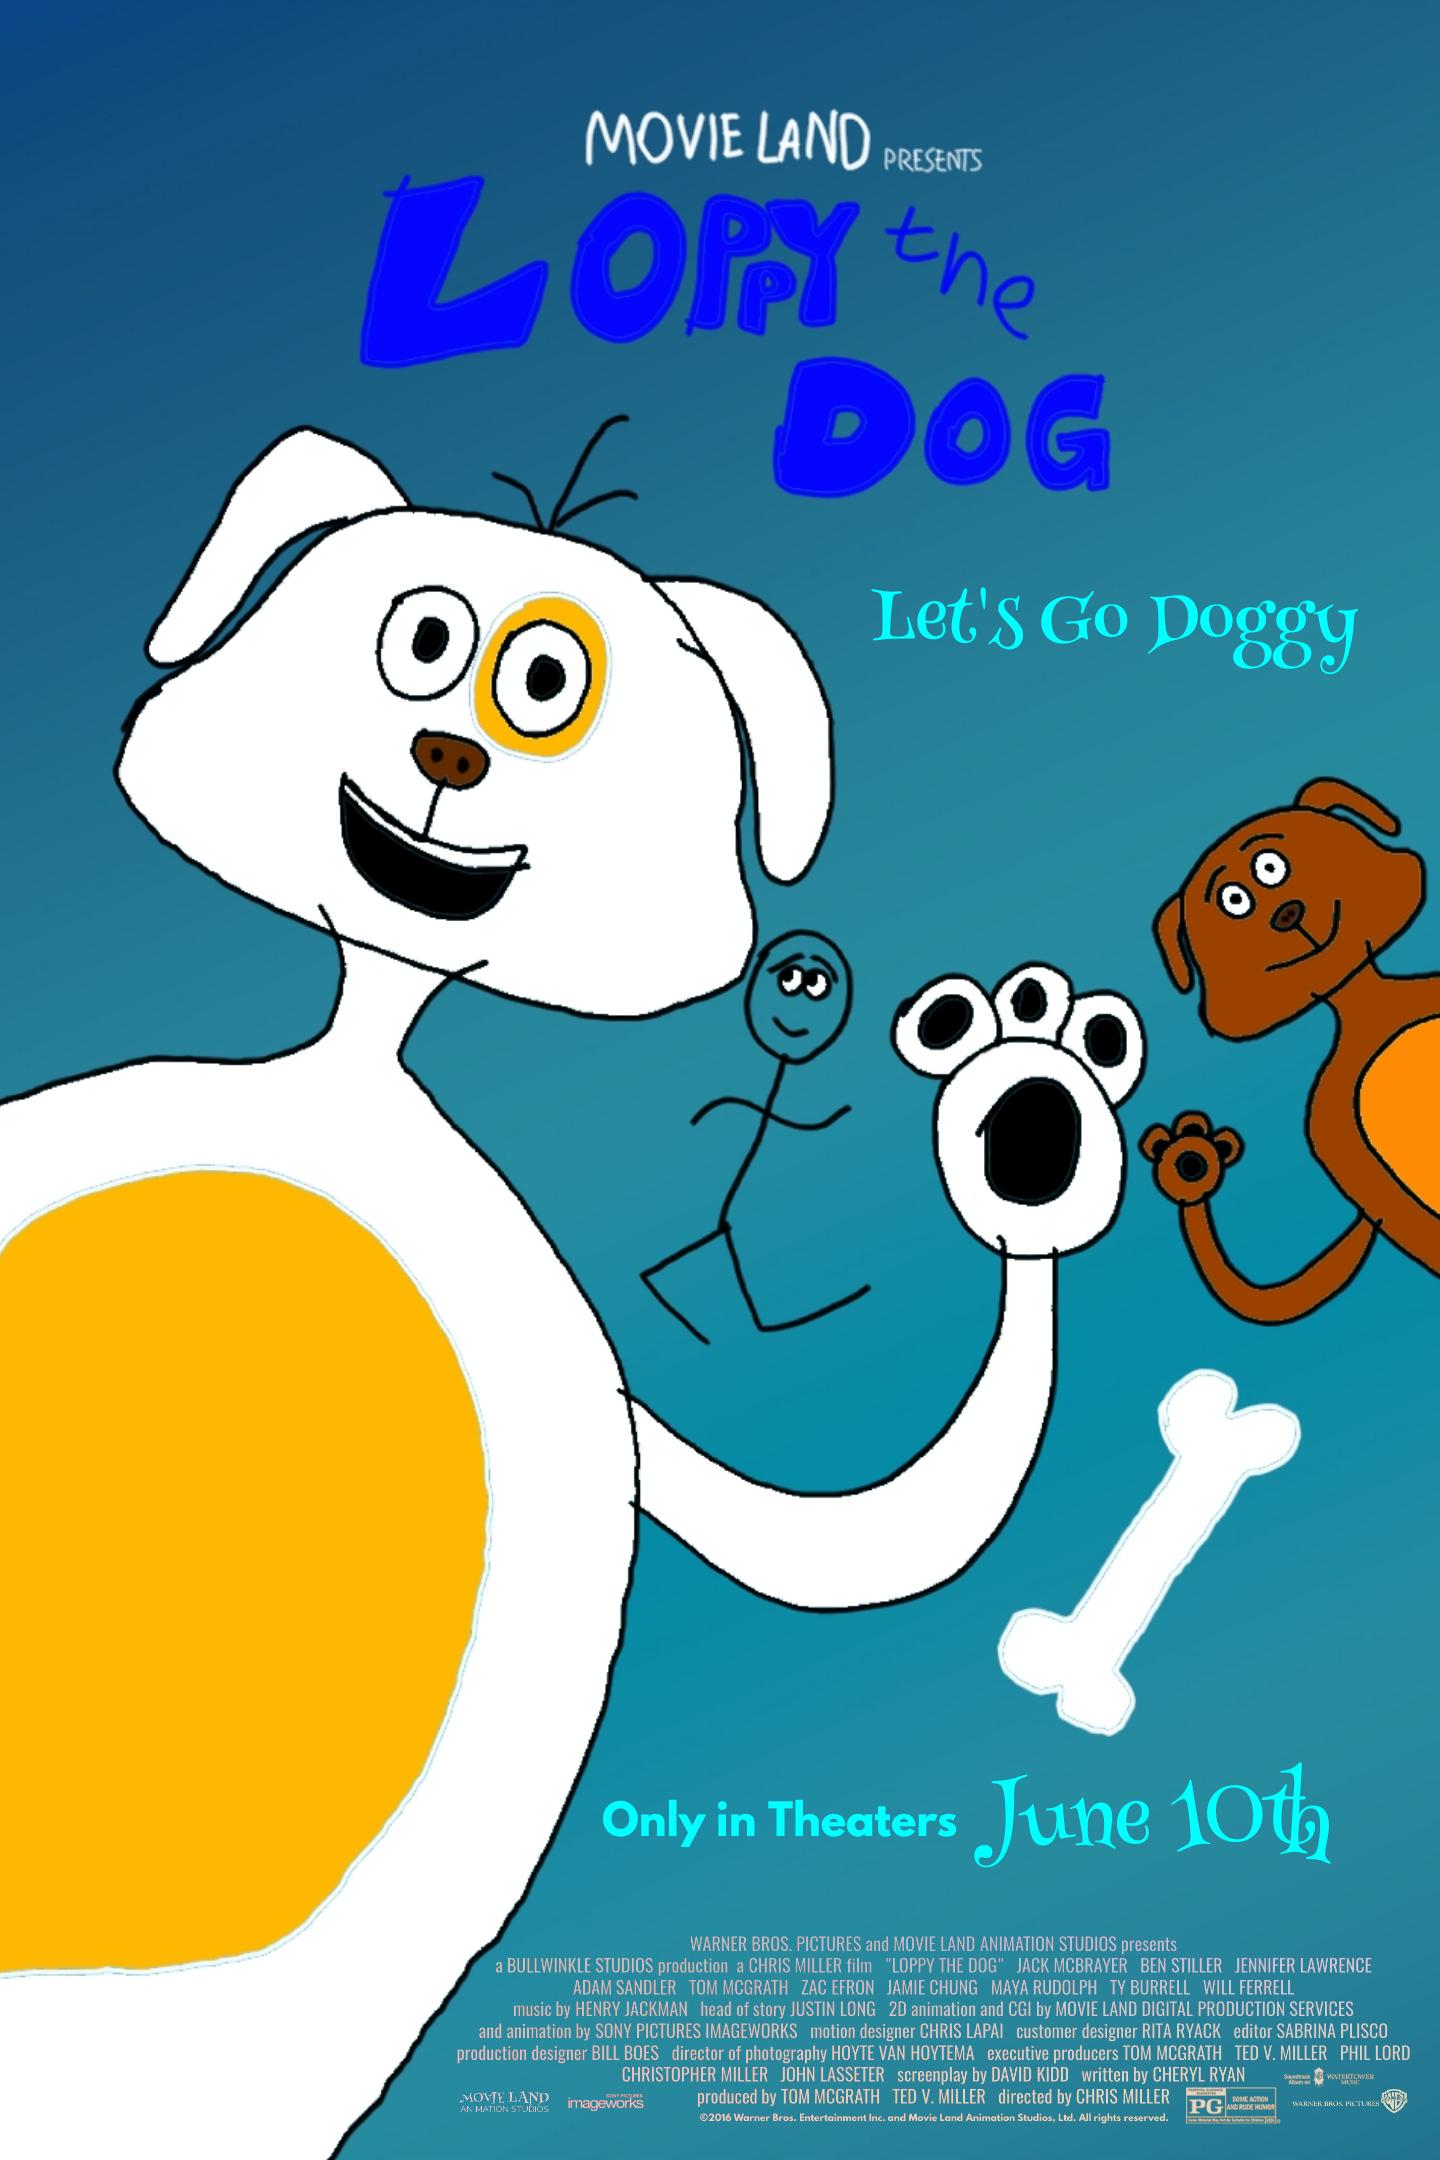 Loppy the Dog (2016)